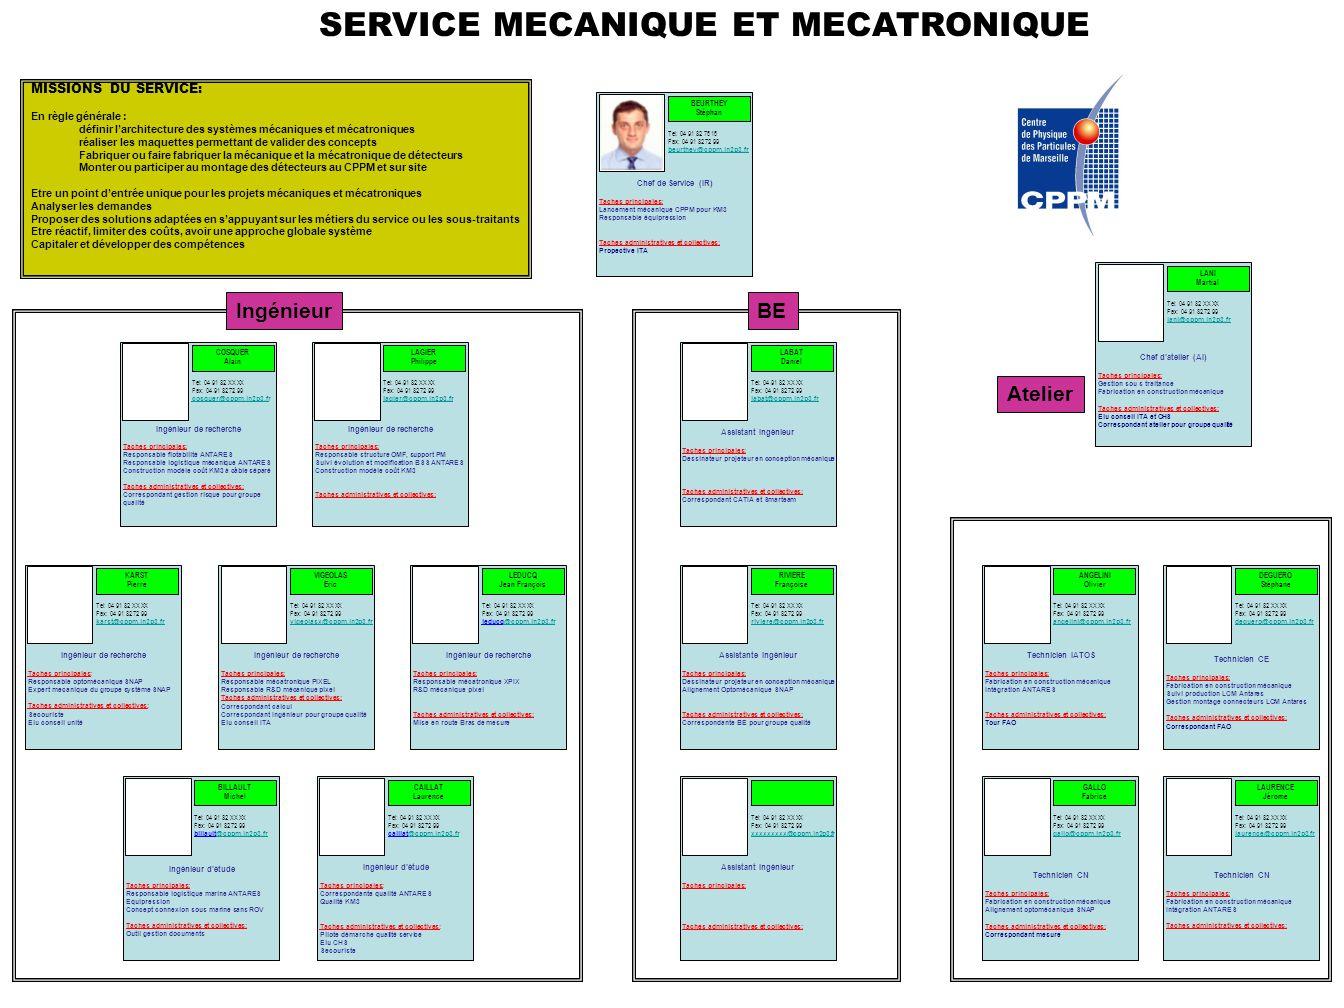 SERVICE MECANIQUE ET MECATRONIQUE